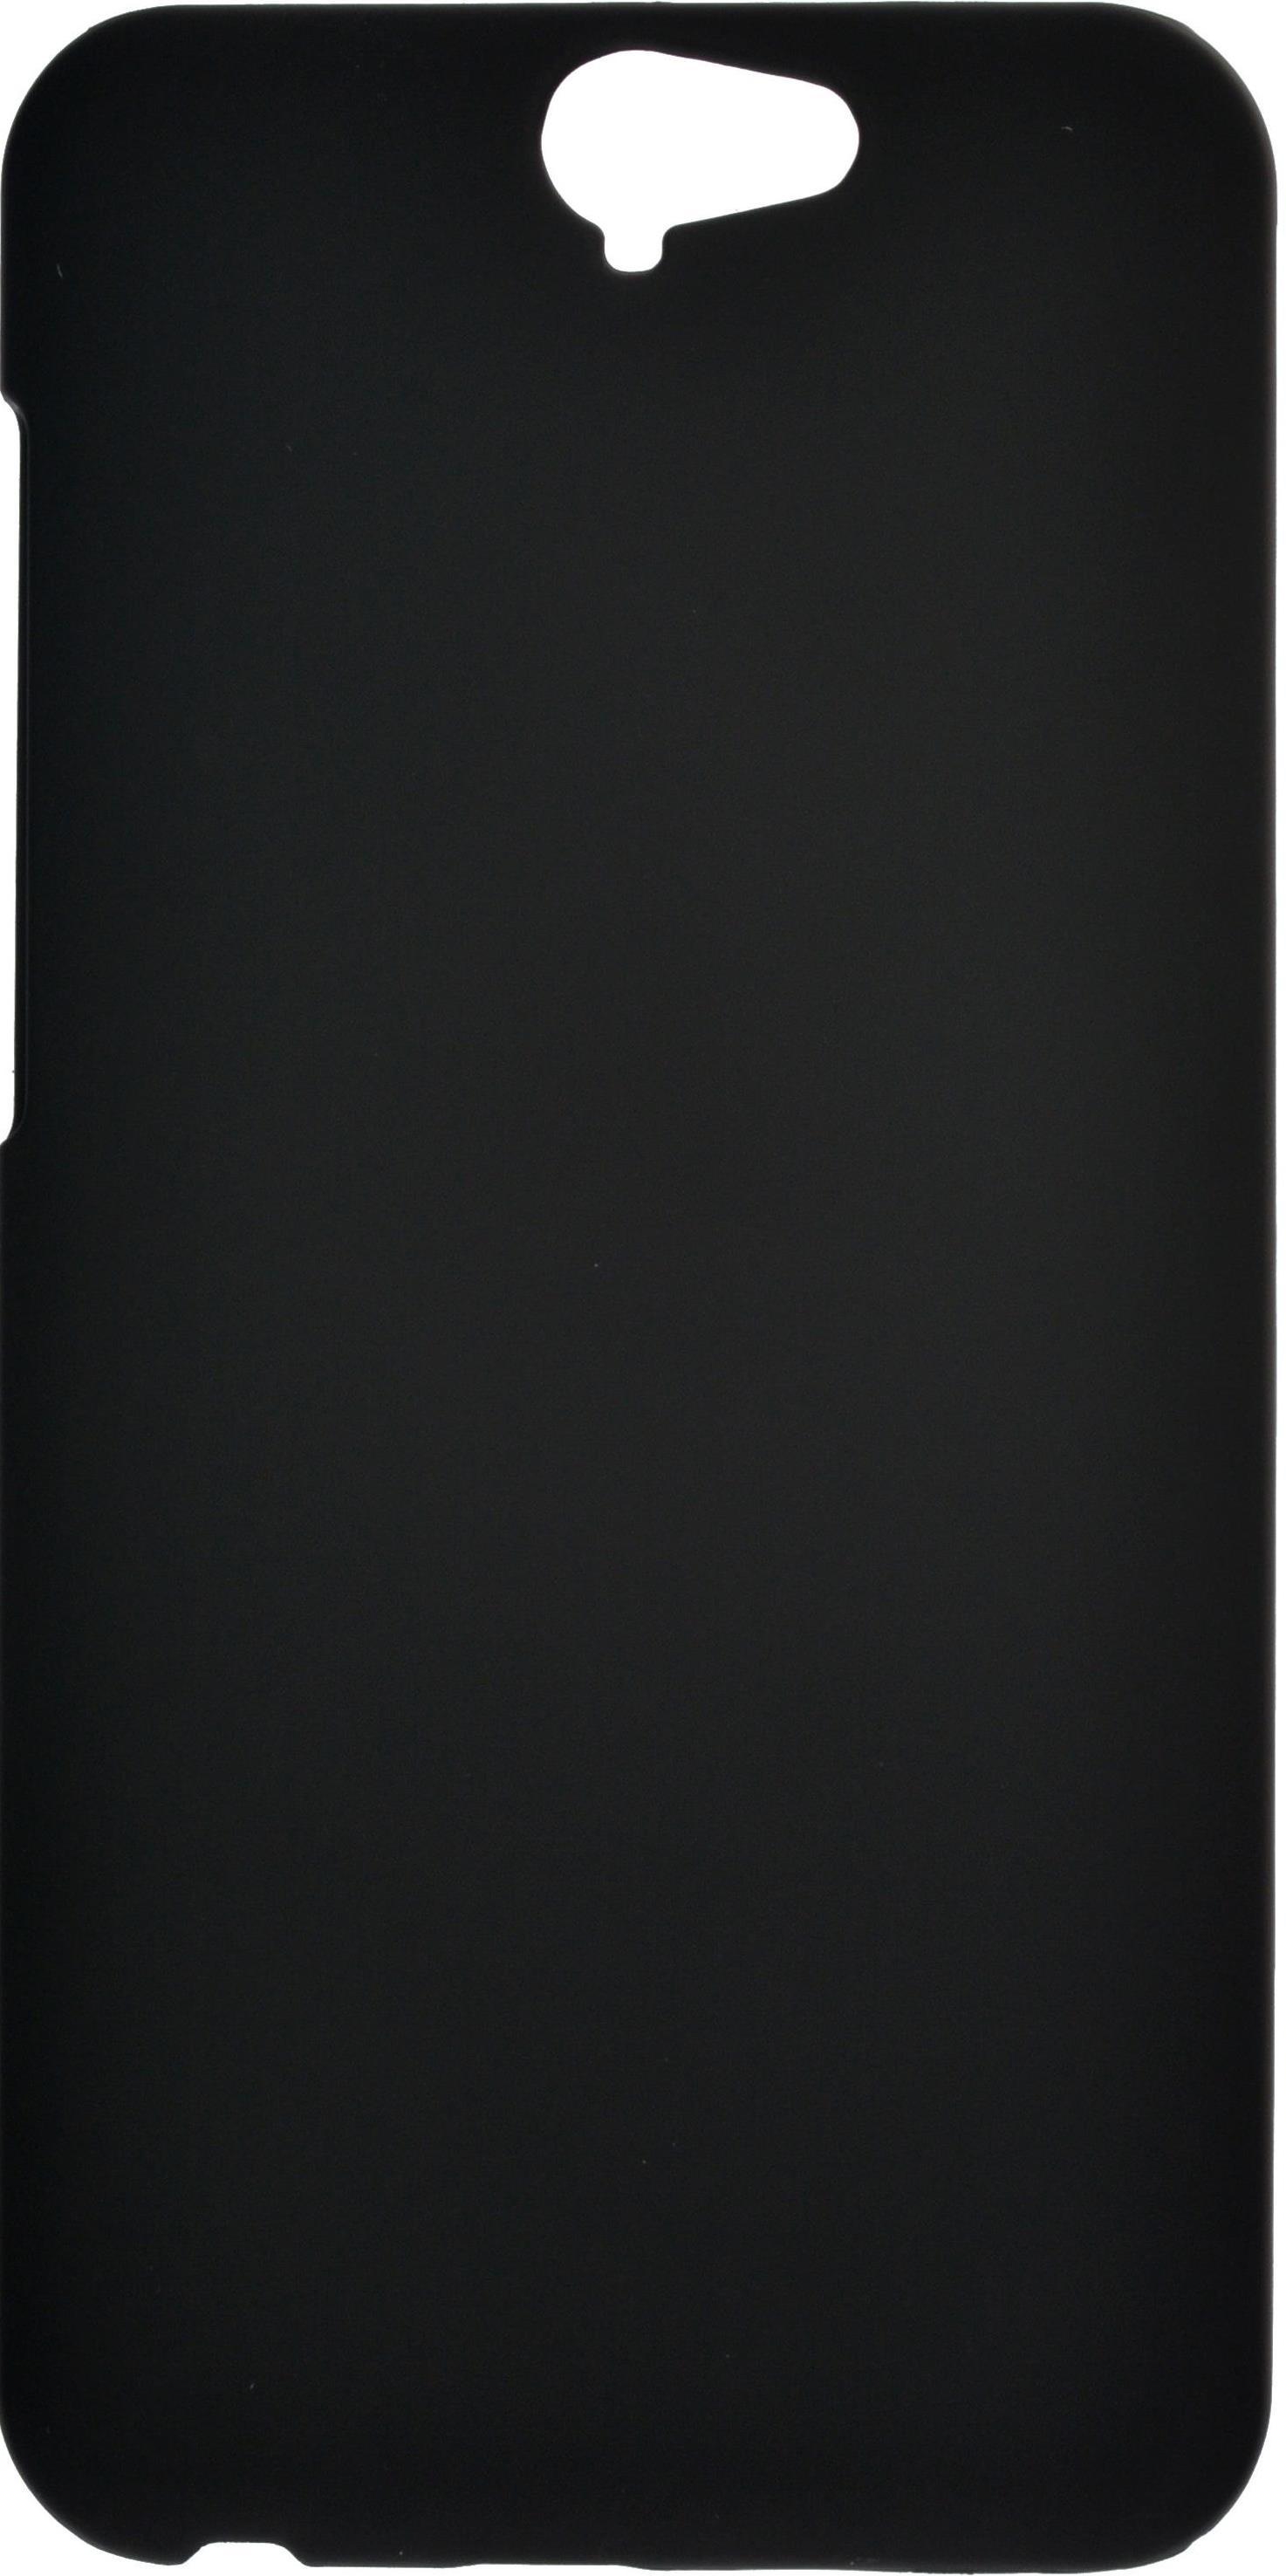 Накладка skinBOX для HTC One A9 черный, 2000000084312, черный автомобильный держатель для htc one